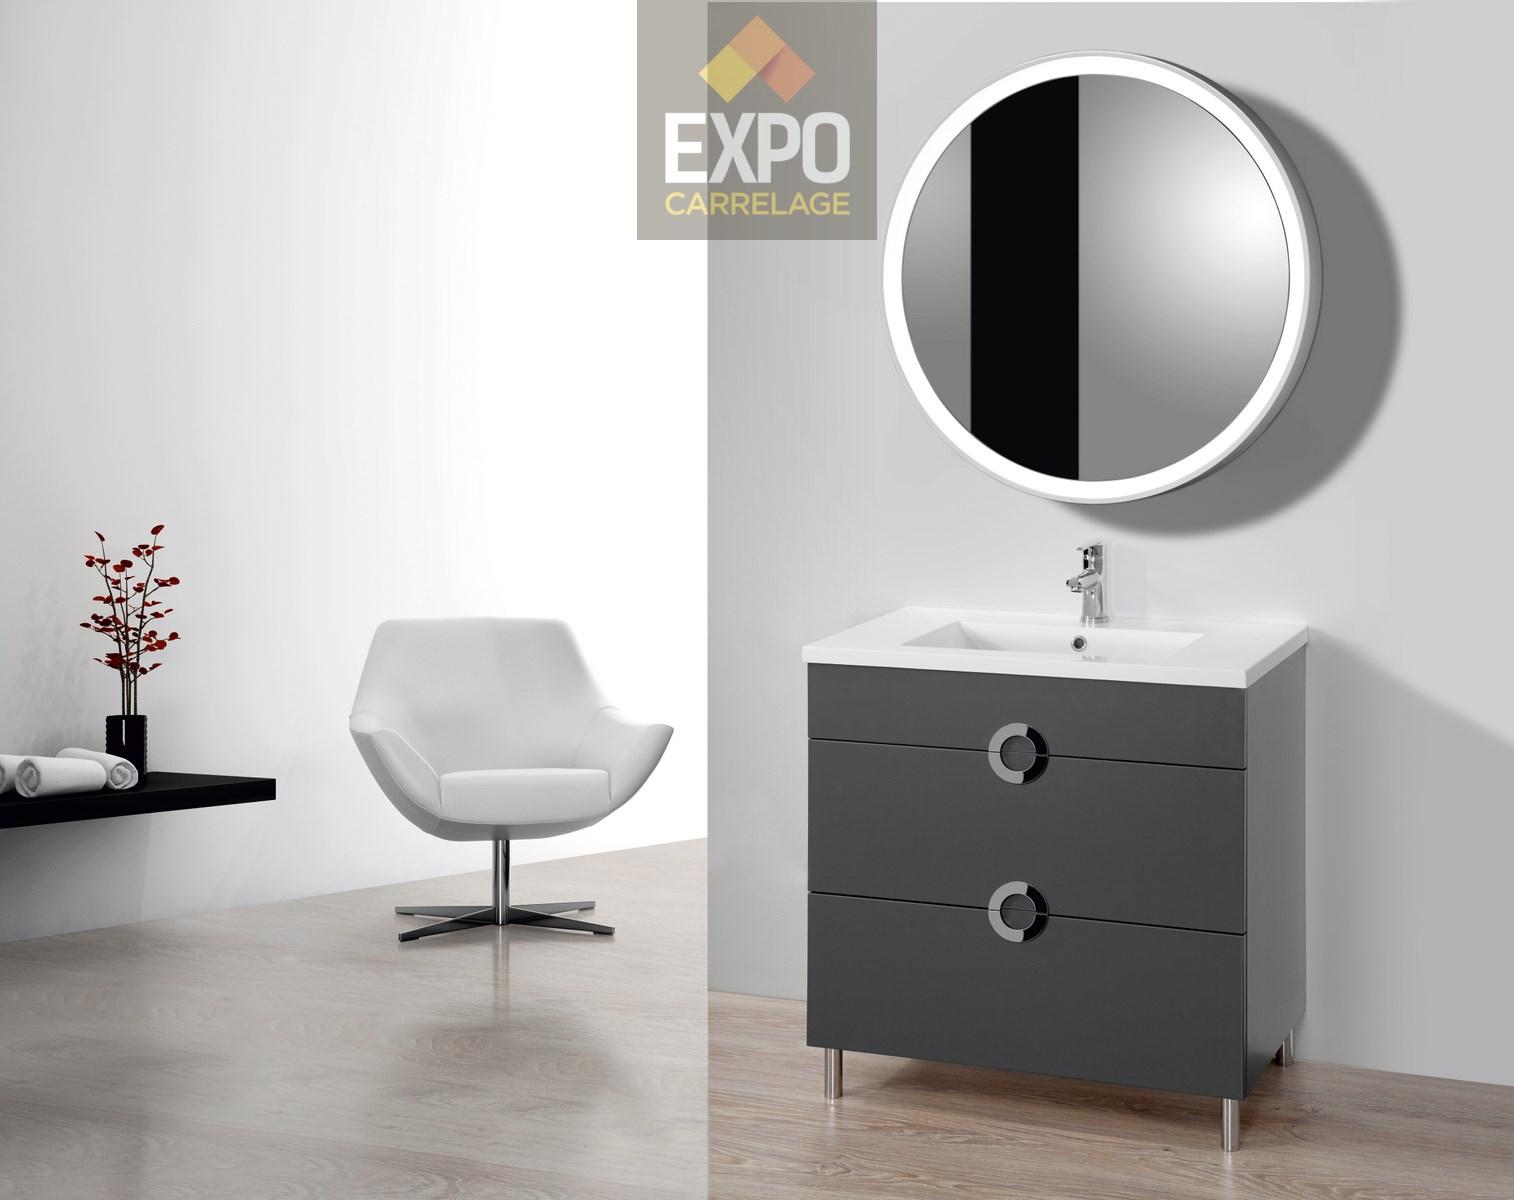 Meuble Nitro meuble nitro - expo carrelage